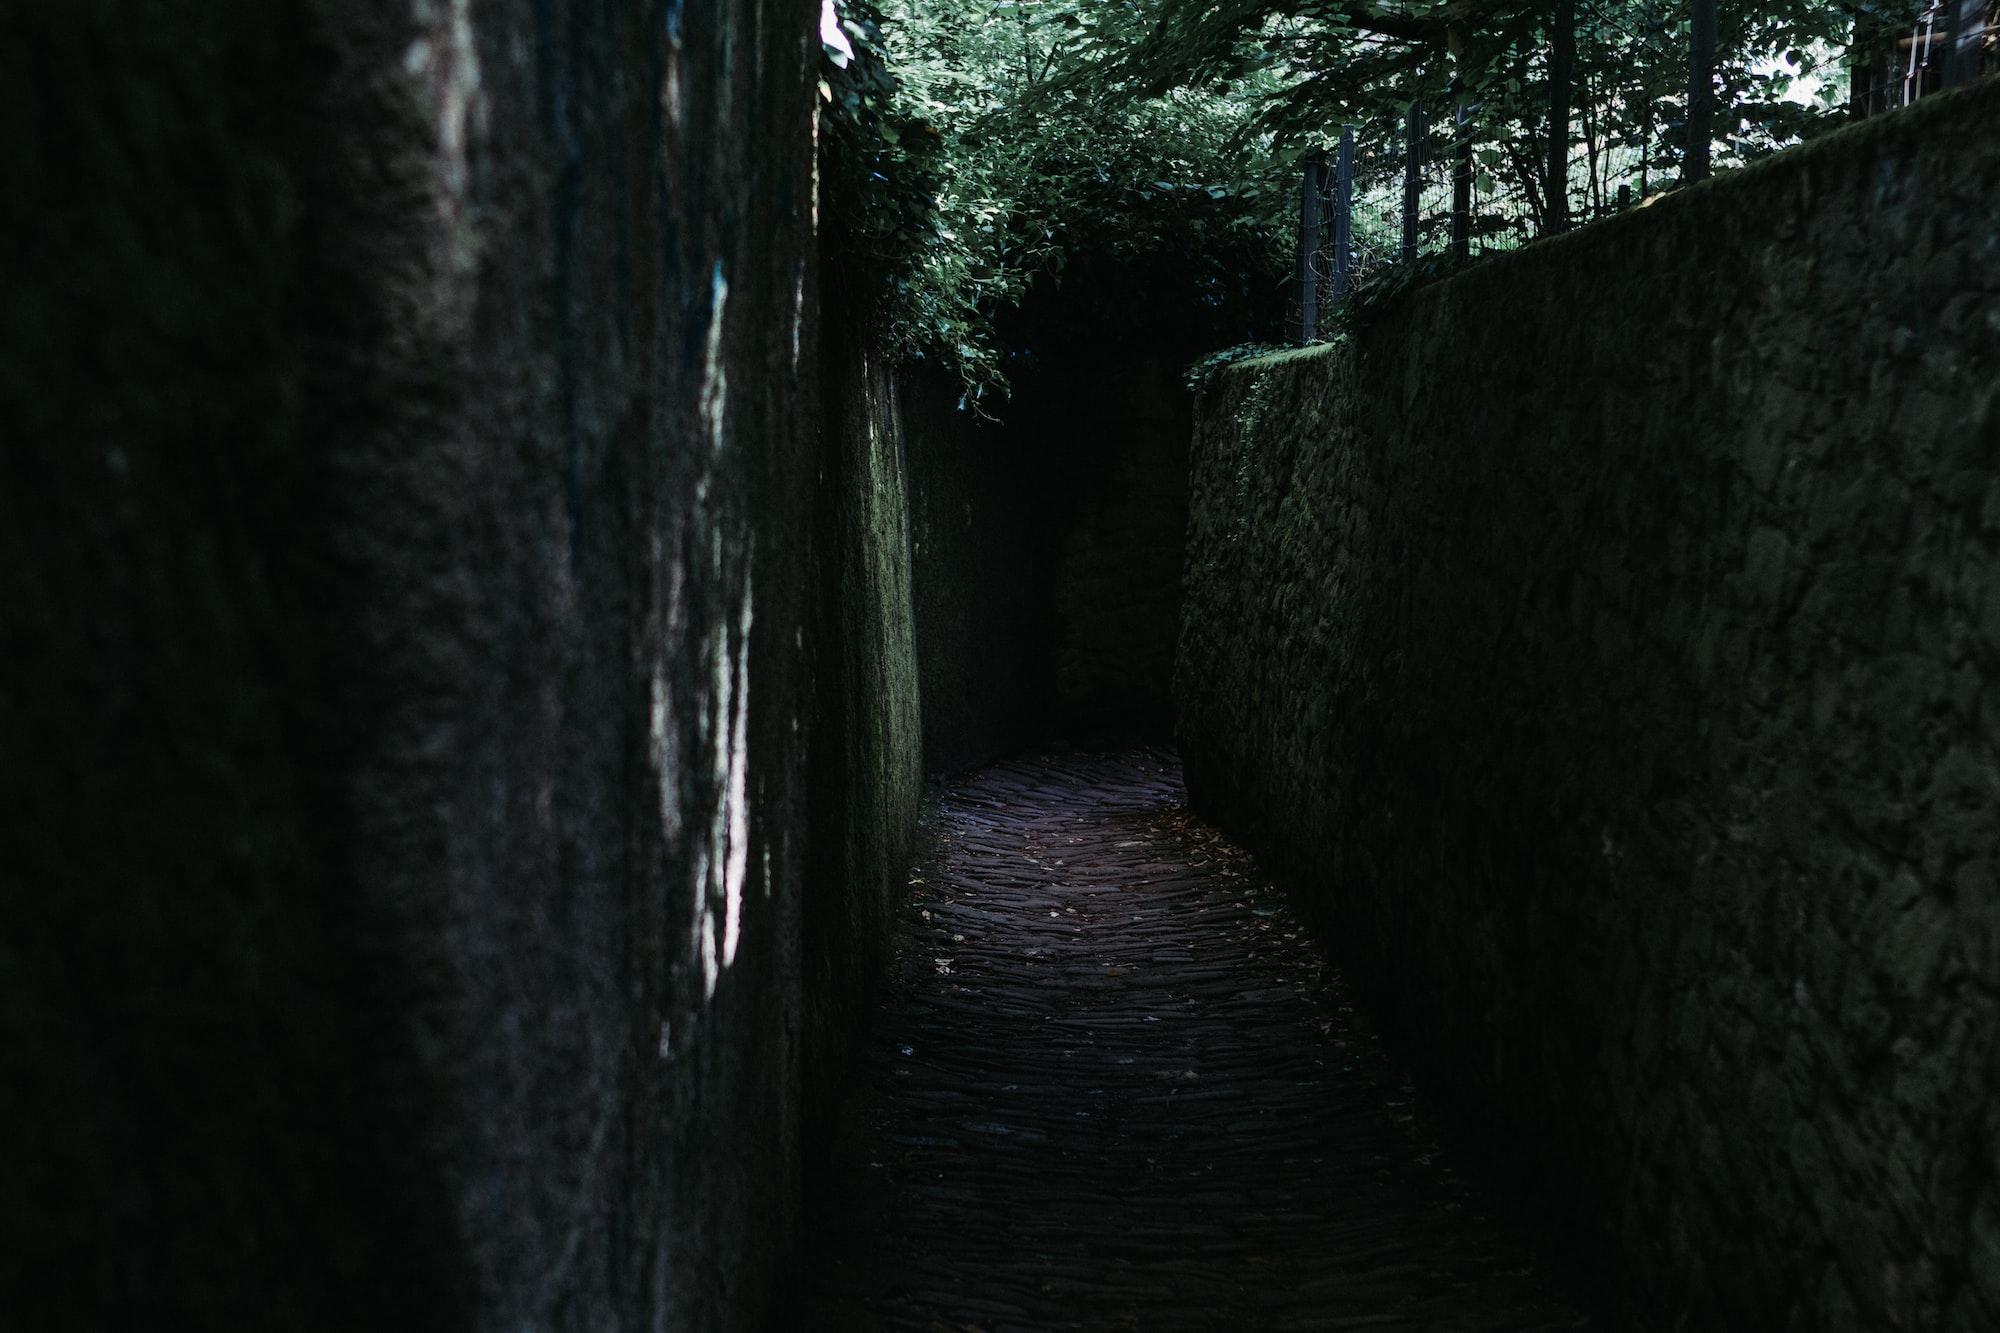 जर्मनीतले लॉकडाऊनचे अनुभव - अनघा दातार (मराठी कट्टा ब्लॉग स्पर्धा २०२०)